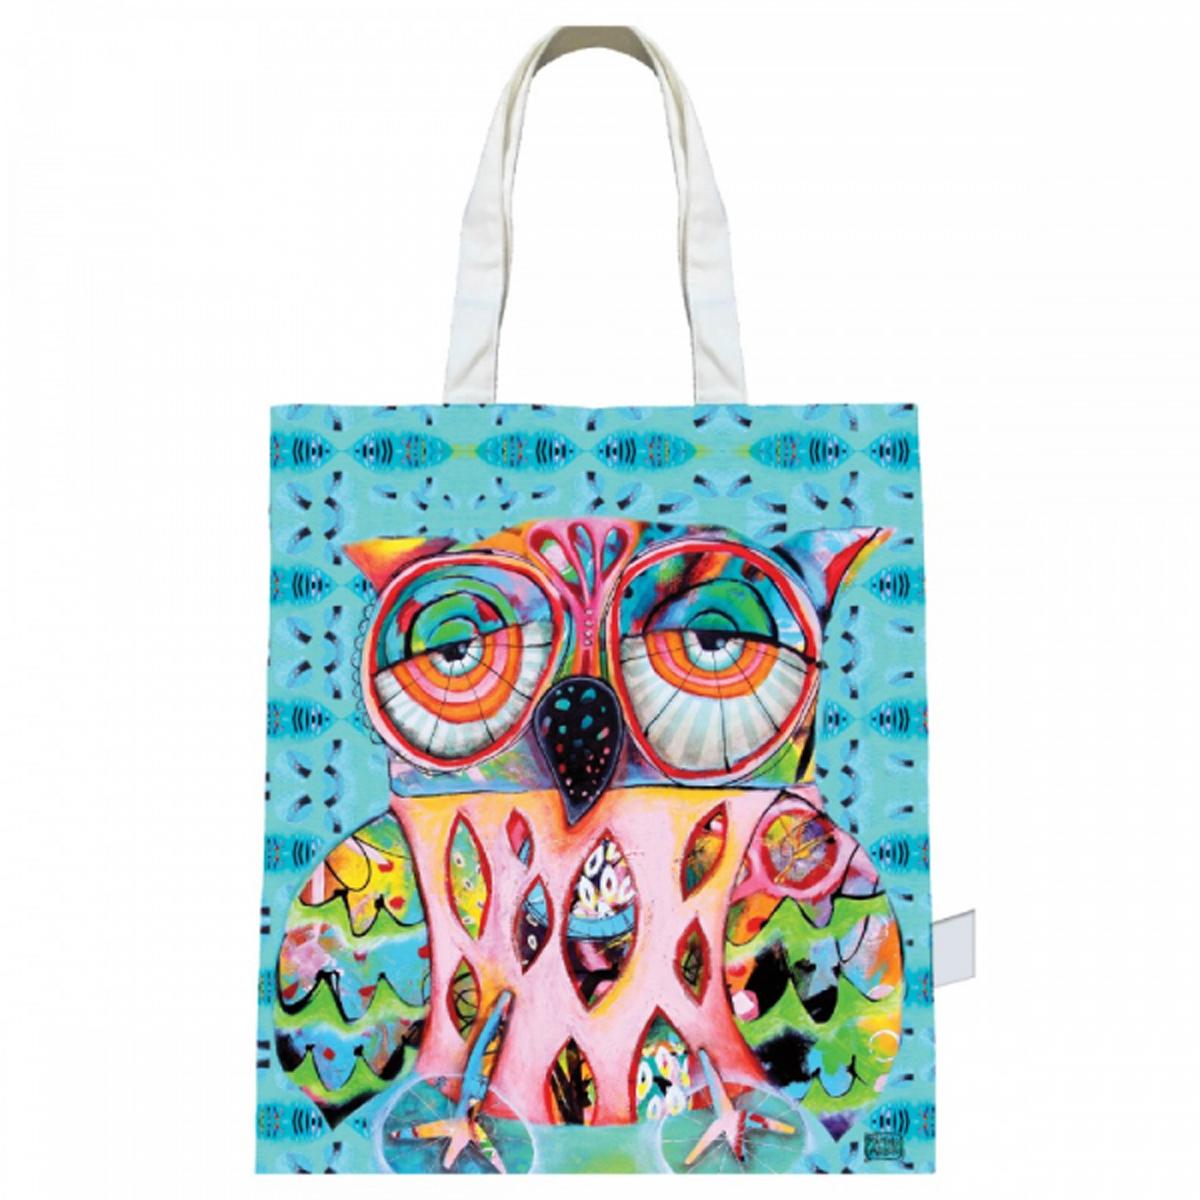 Sac coton / tote bag \'Allen Designs\' turquoise multicolore (chouette) - 43x39 cm - [R1954]